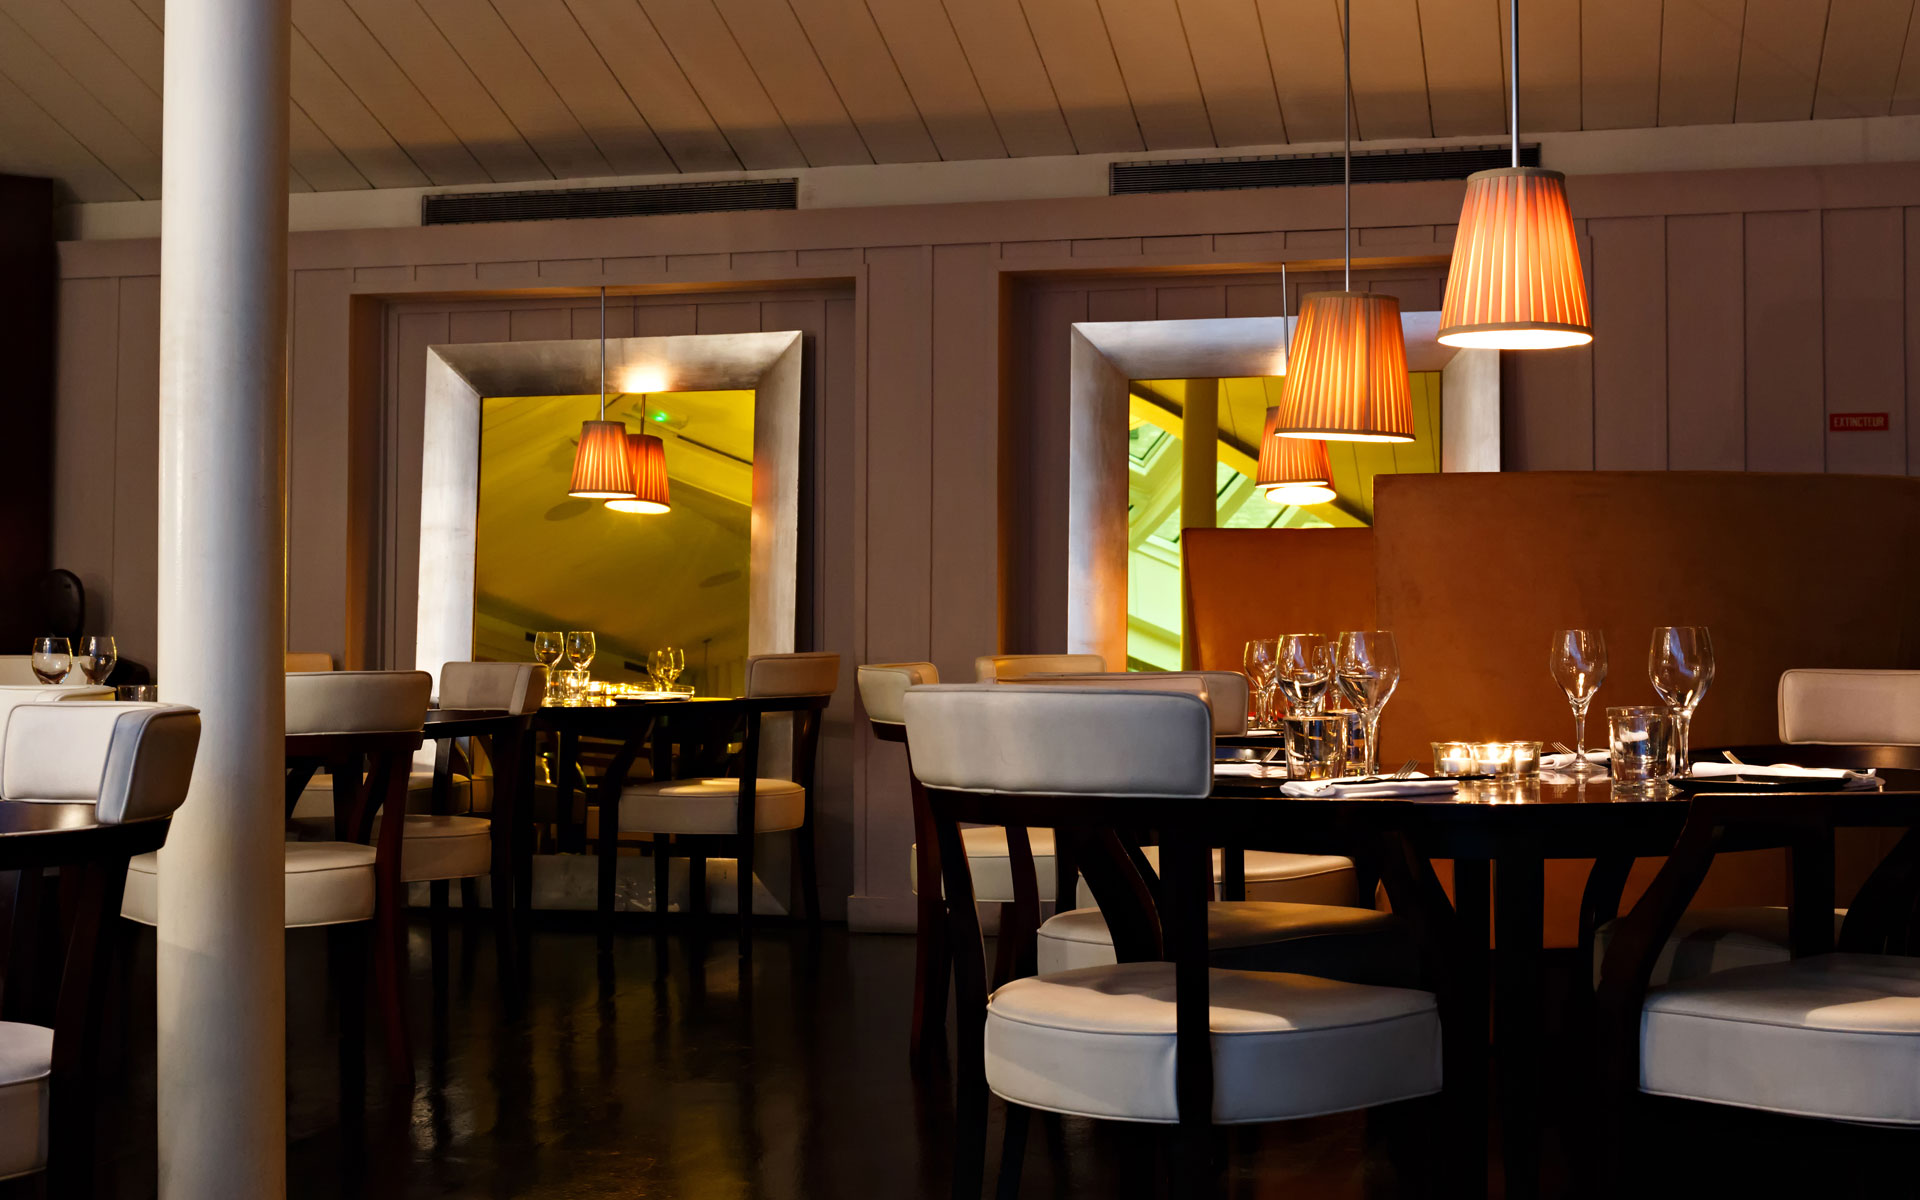 Restaurant Le Bon Paris